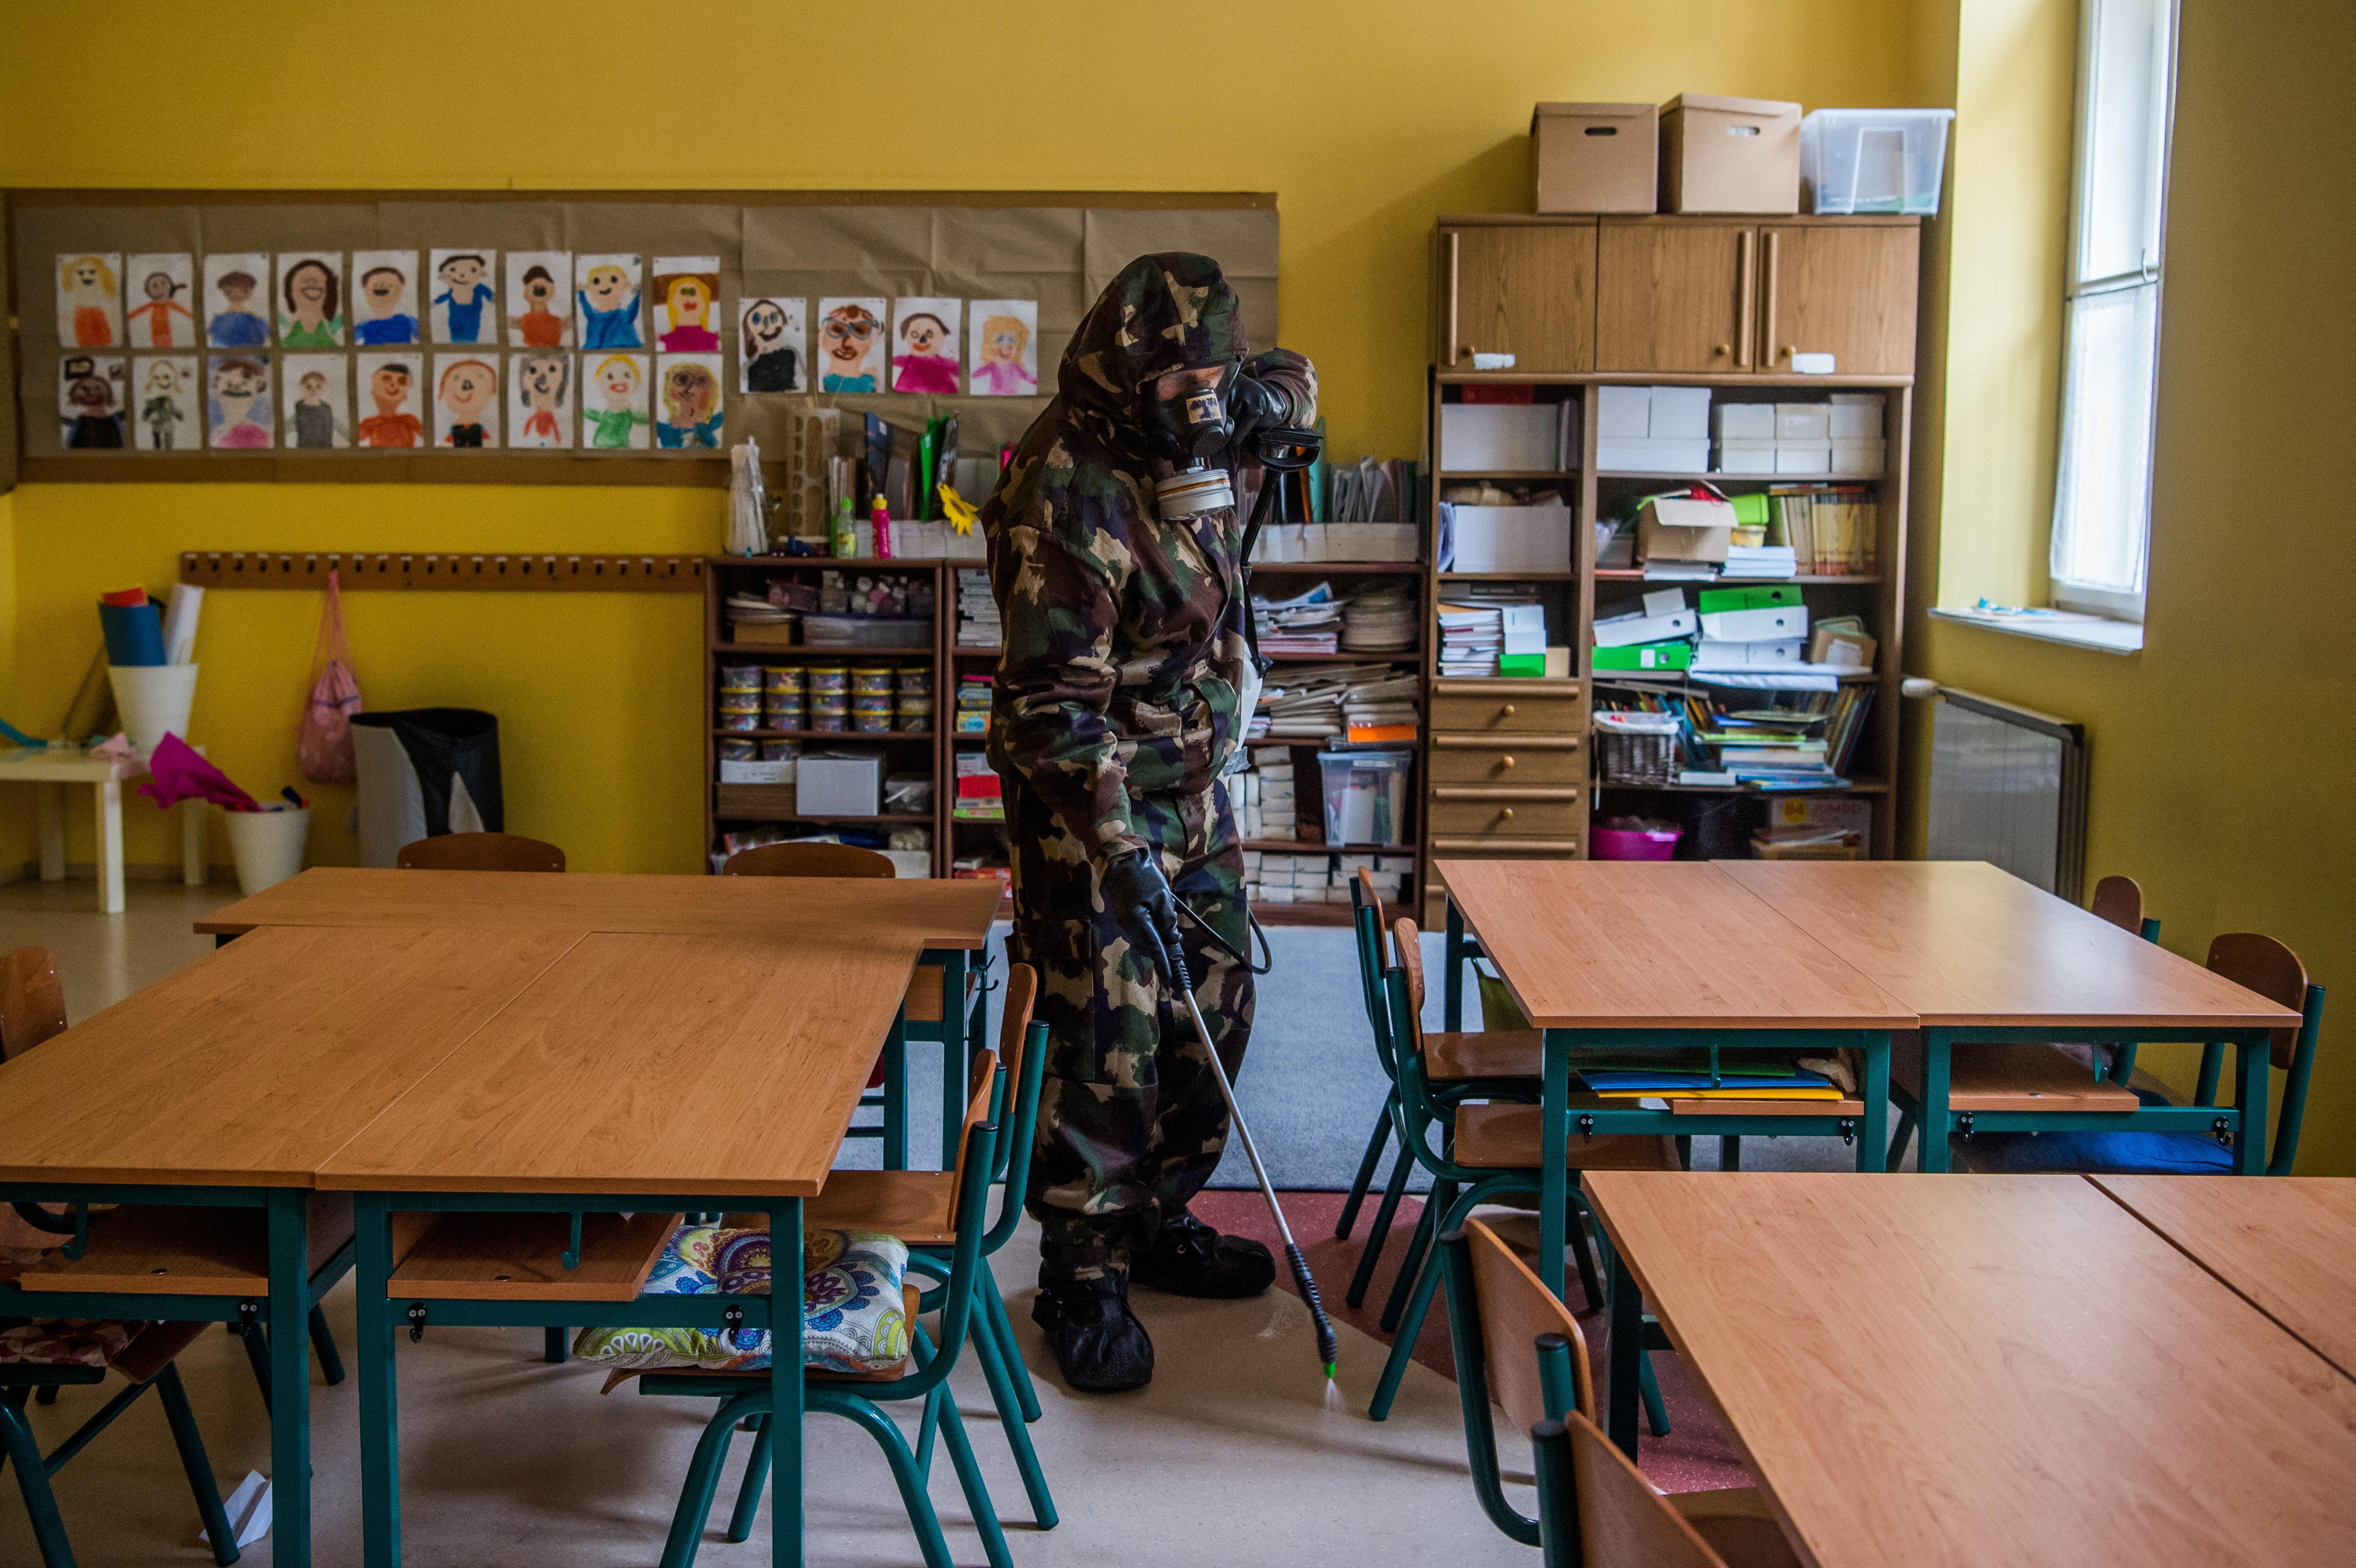 Hiába kérik a szülők, hogy otthonról tanulhassanak a gyerekeik, az igazgató nem engedi